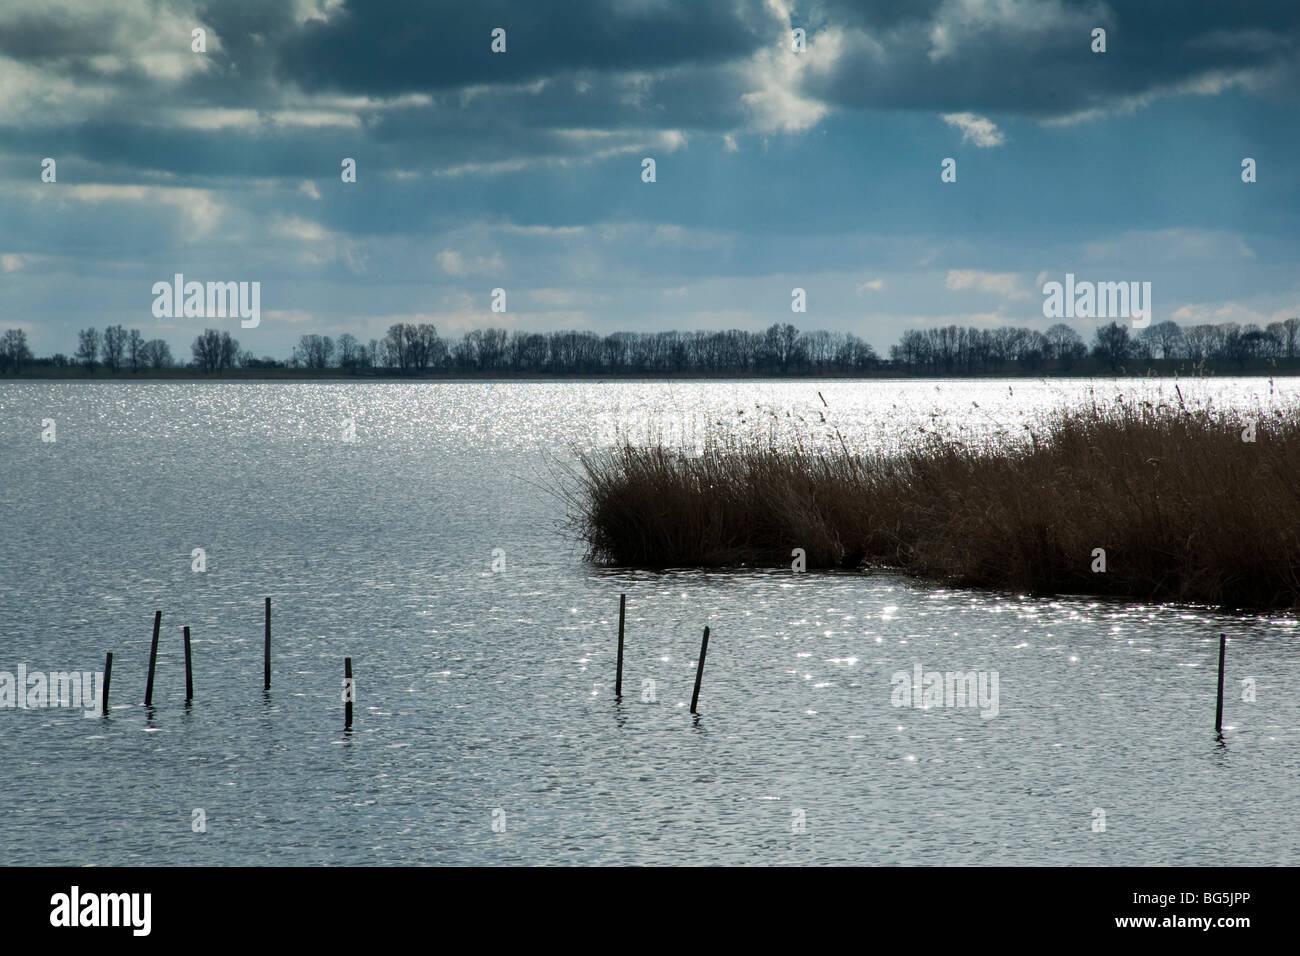 Achterwasser, Usedomer See, Schilf, Insel Usedom, Mecklenburg-Vorpommern, Deutschland | Achterwasser, Usedomer See, - Stock Image